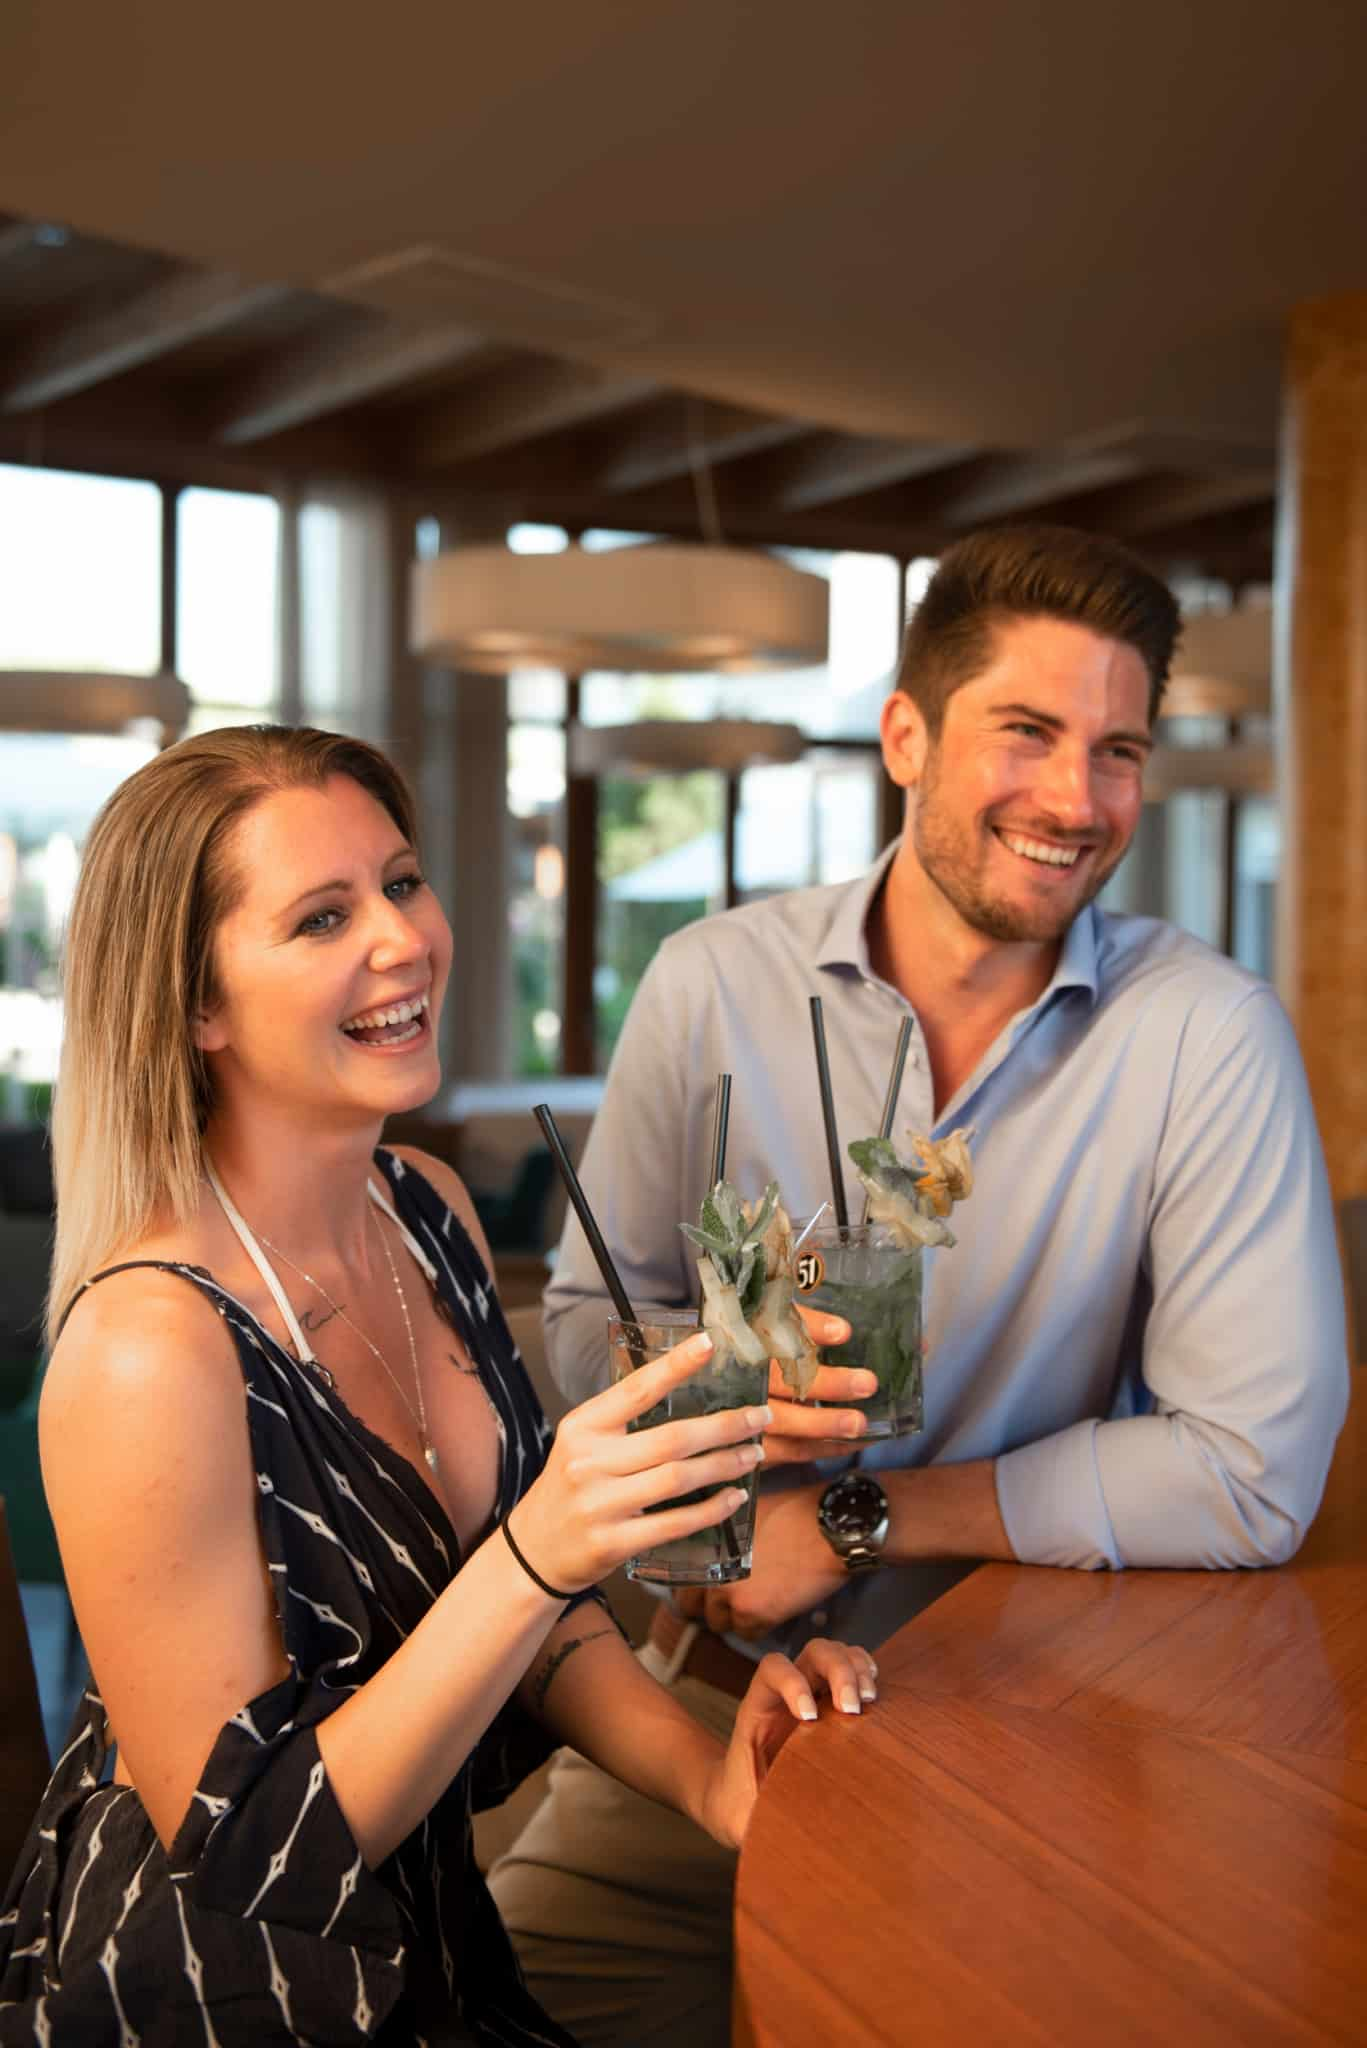 Leckere Cocktails und gute Unterhaltung an der Hotelbar im Hotel Larimar